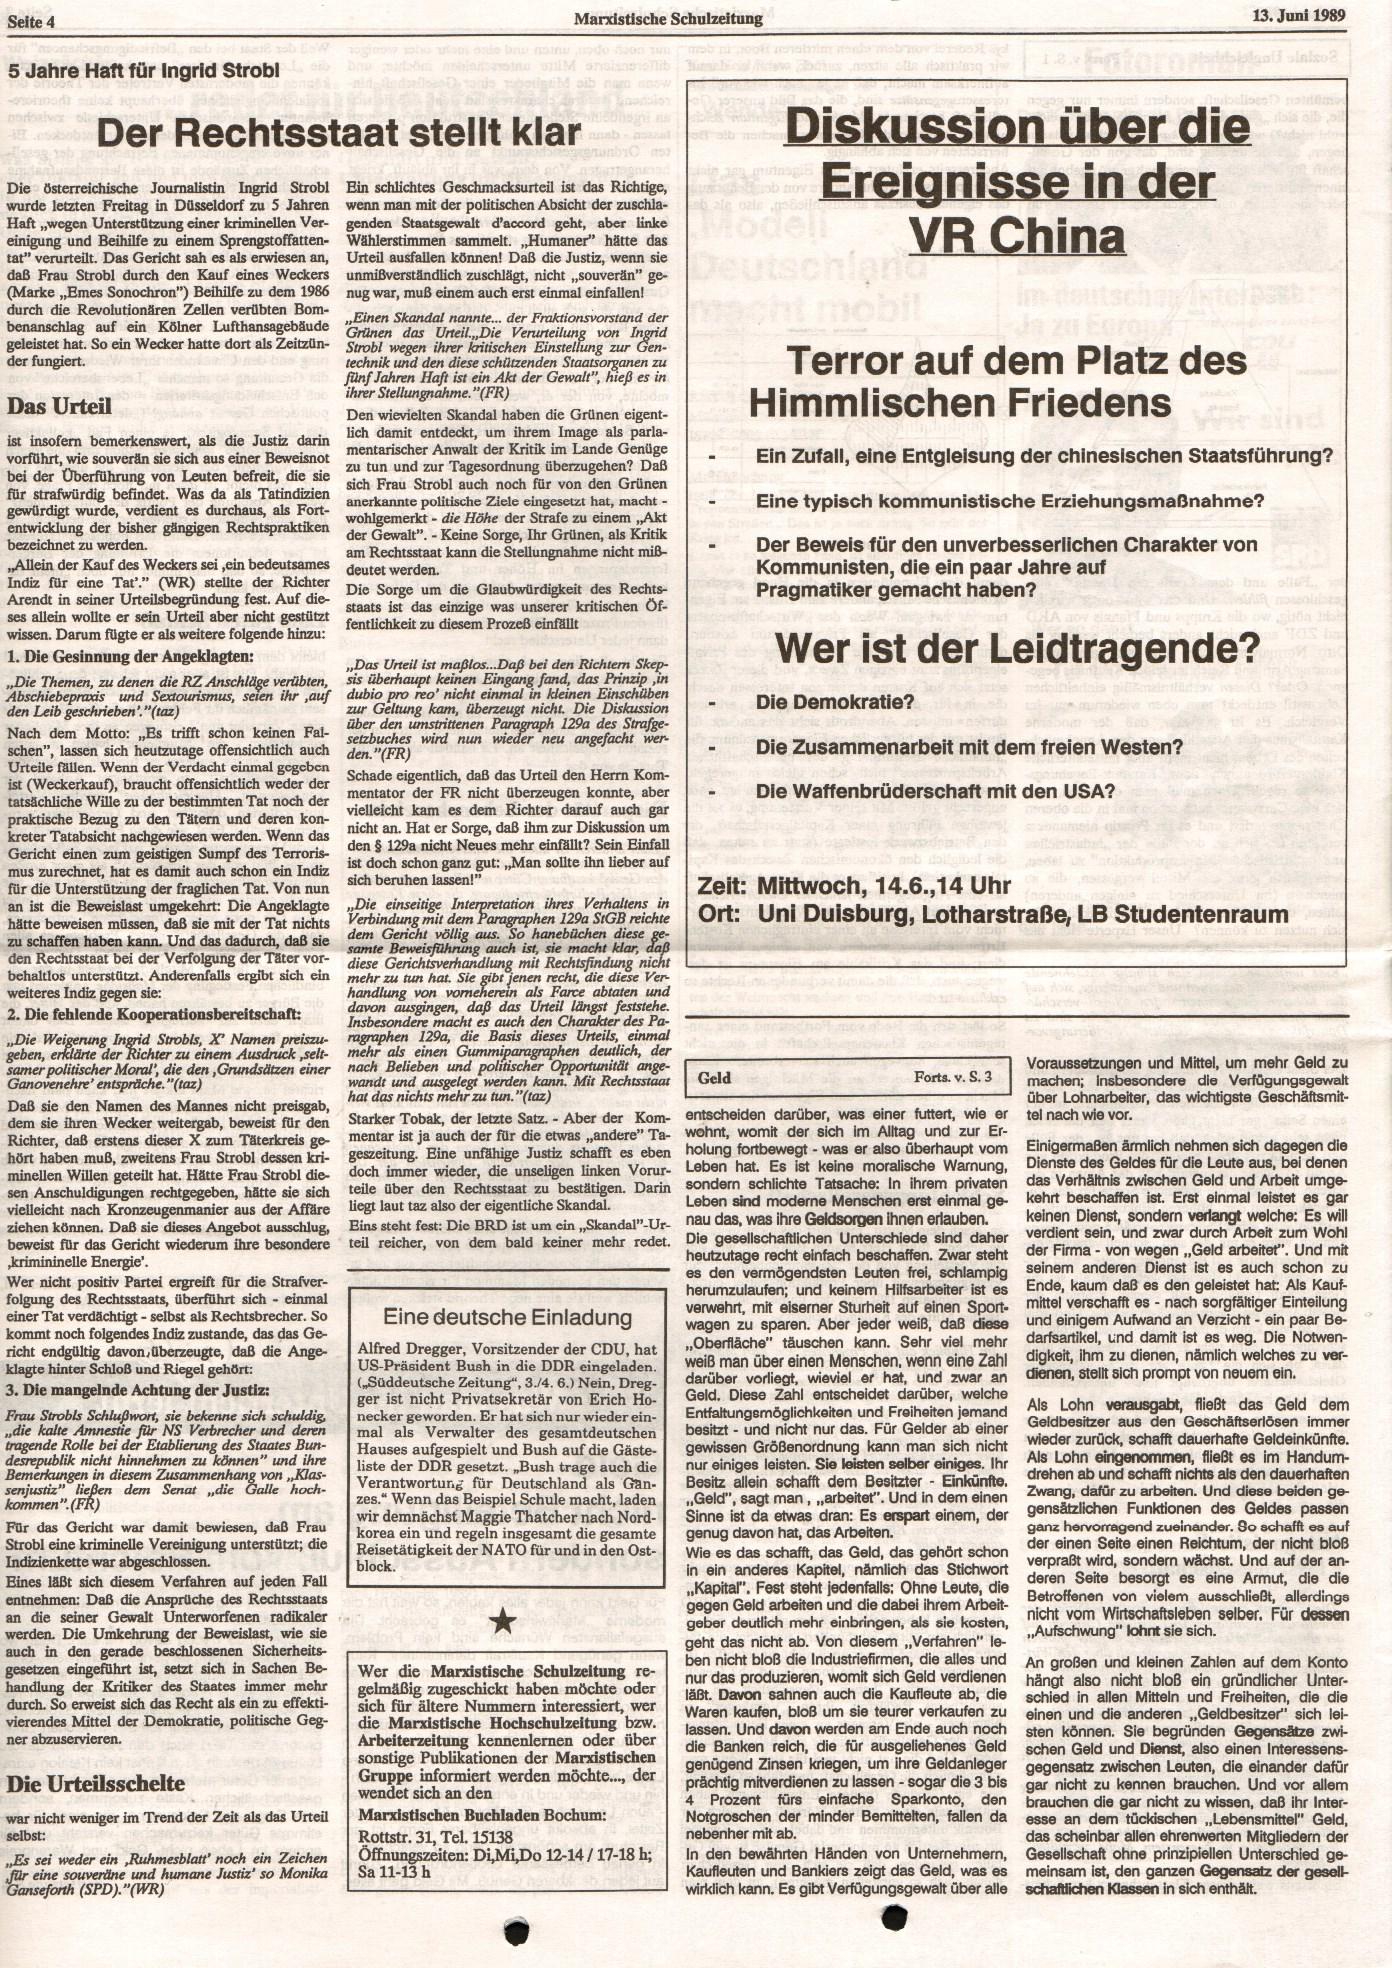 Ruhrgebiet_MG_Marxistische_Schulzeitung_19890613_04